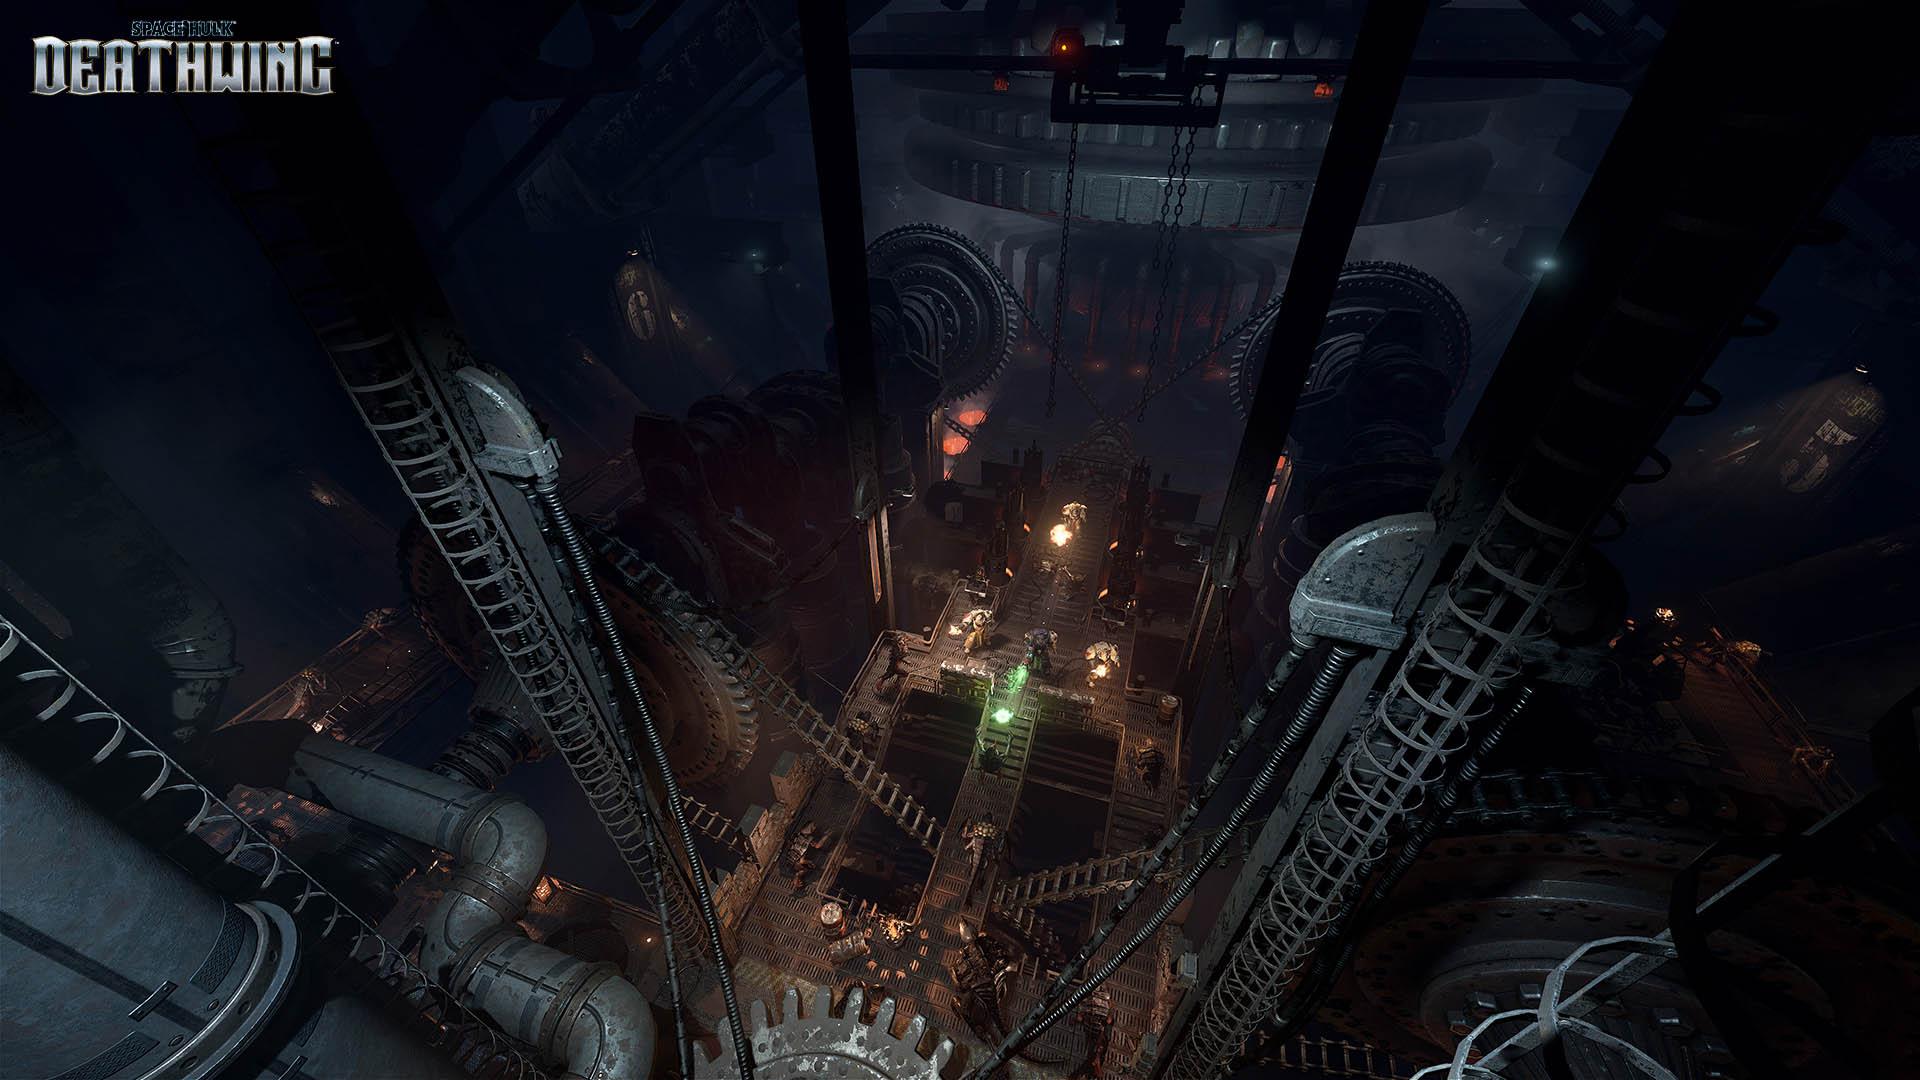 spacehulk_deathwing-11